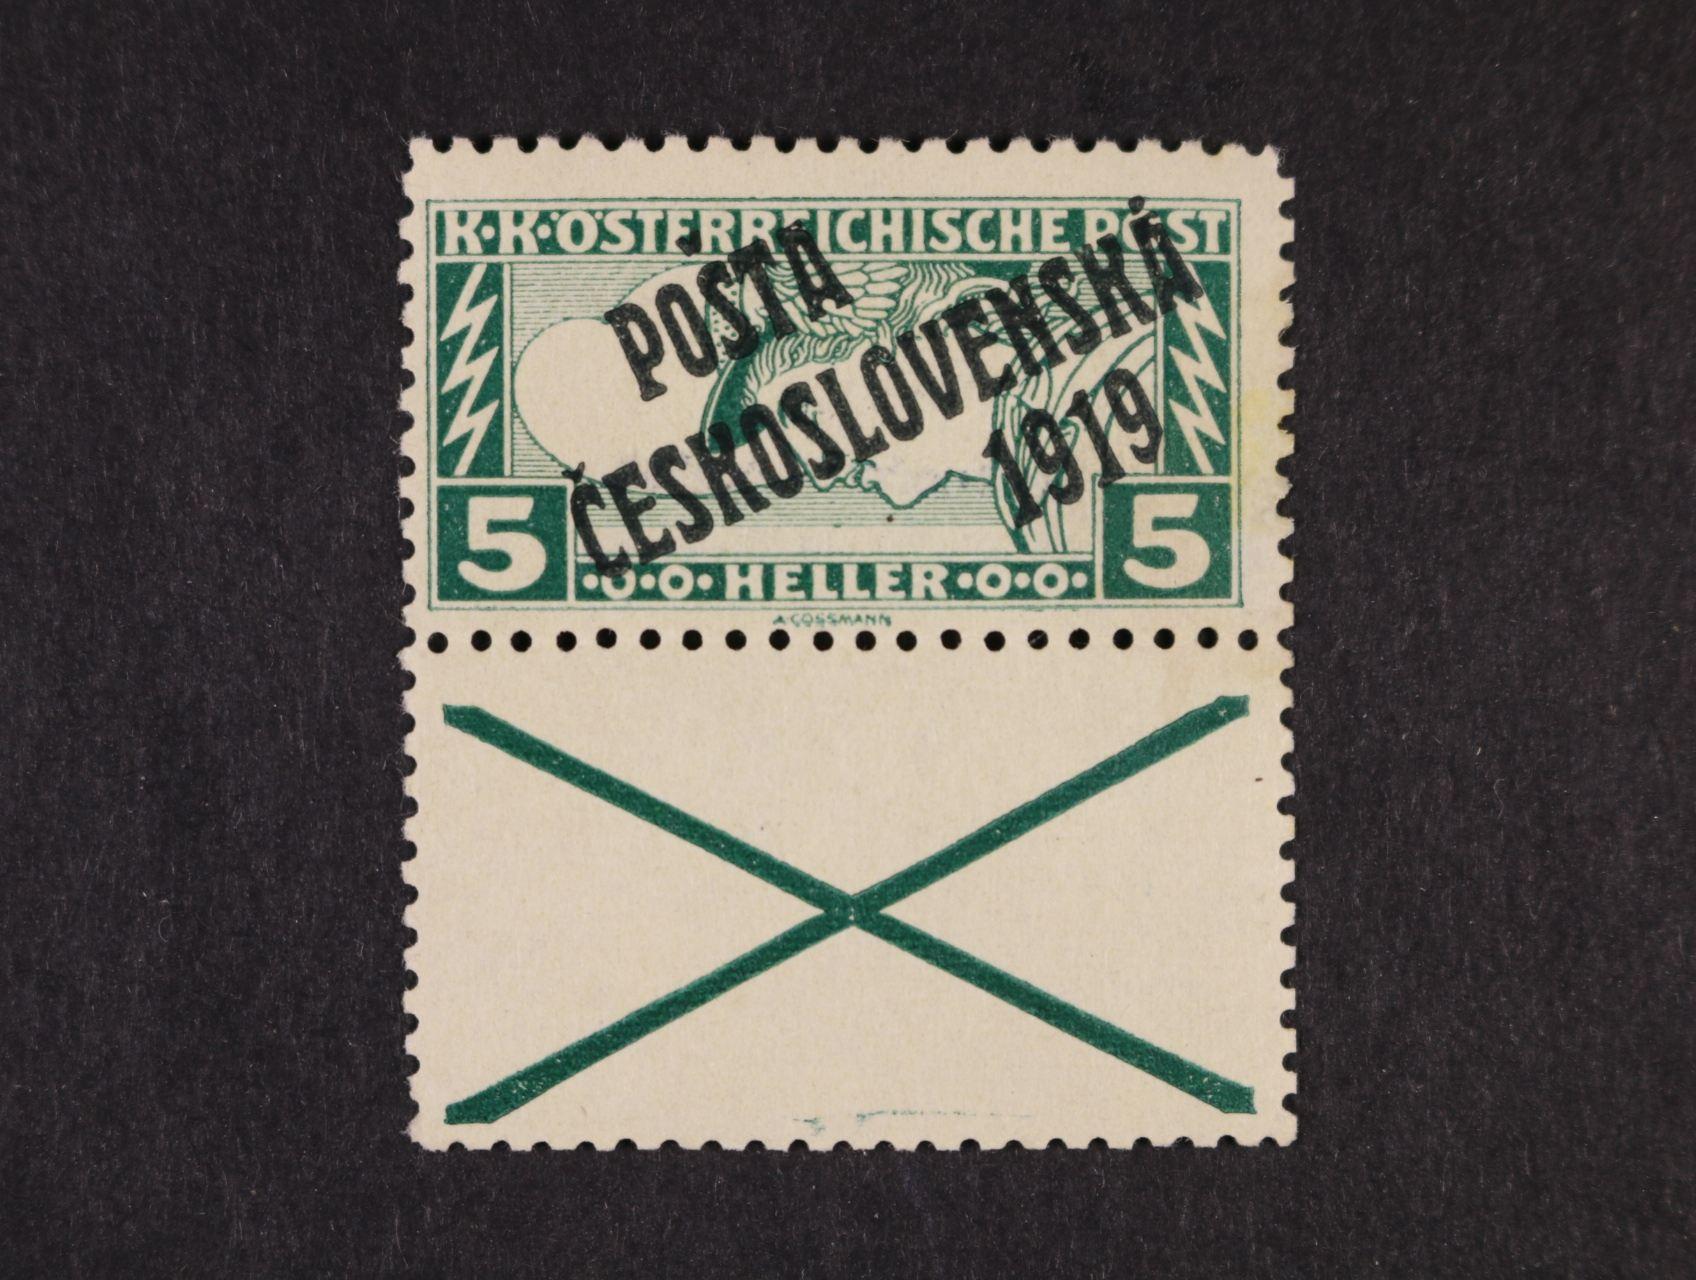 zn. č. 58 Bb KD zelenočerný přetisk, nepřetištěný kupon, zk. Stupka, kat. cena 30000 Kč